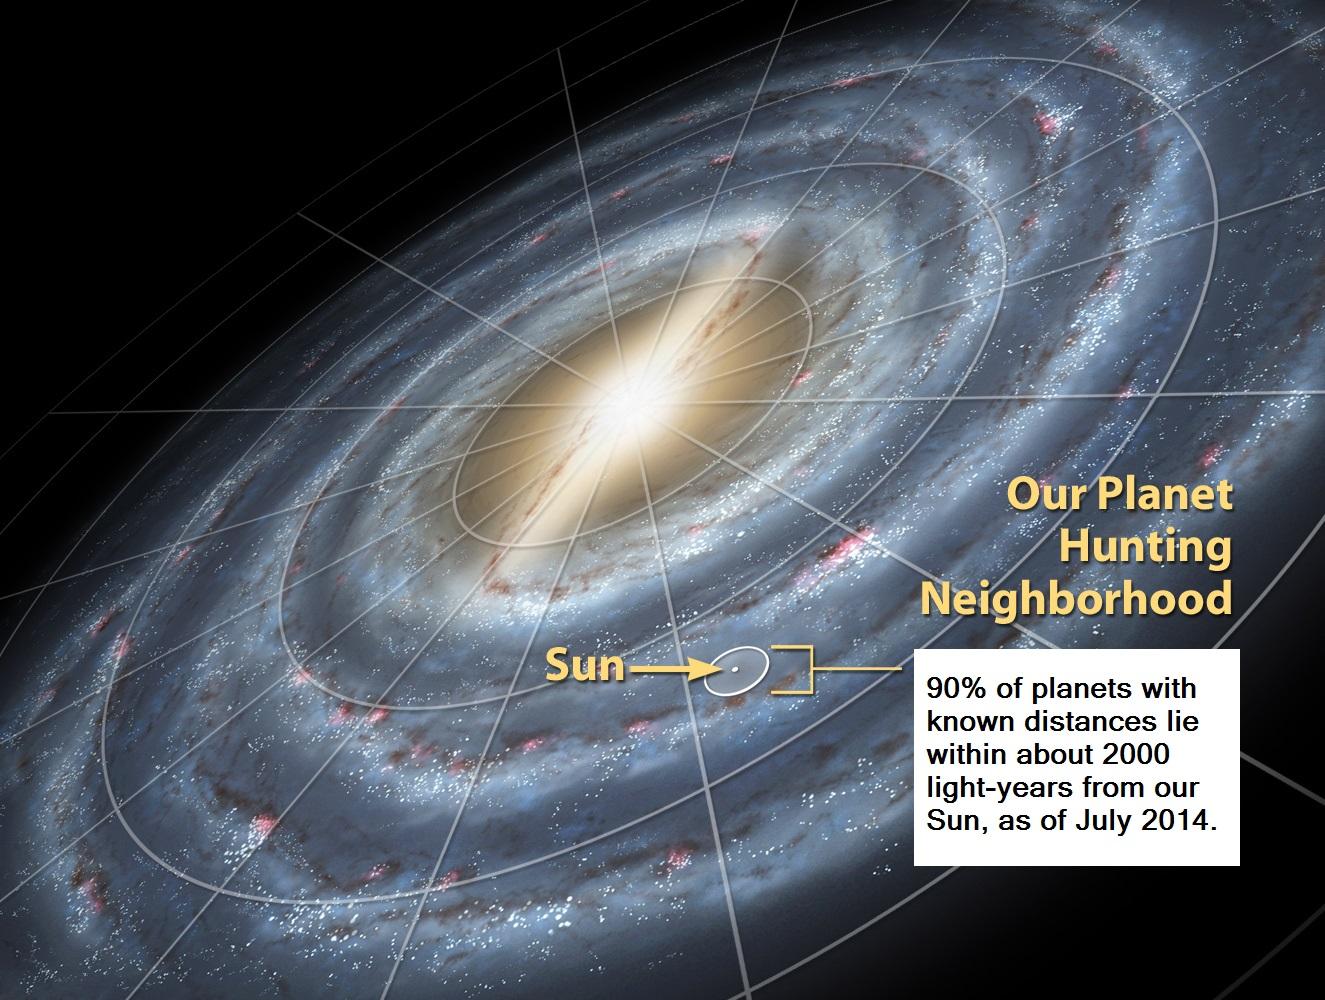 La Vía Láctea ¿Qué tanto la conoces?